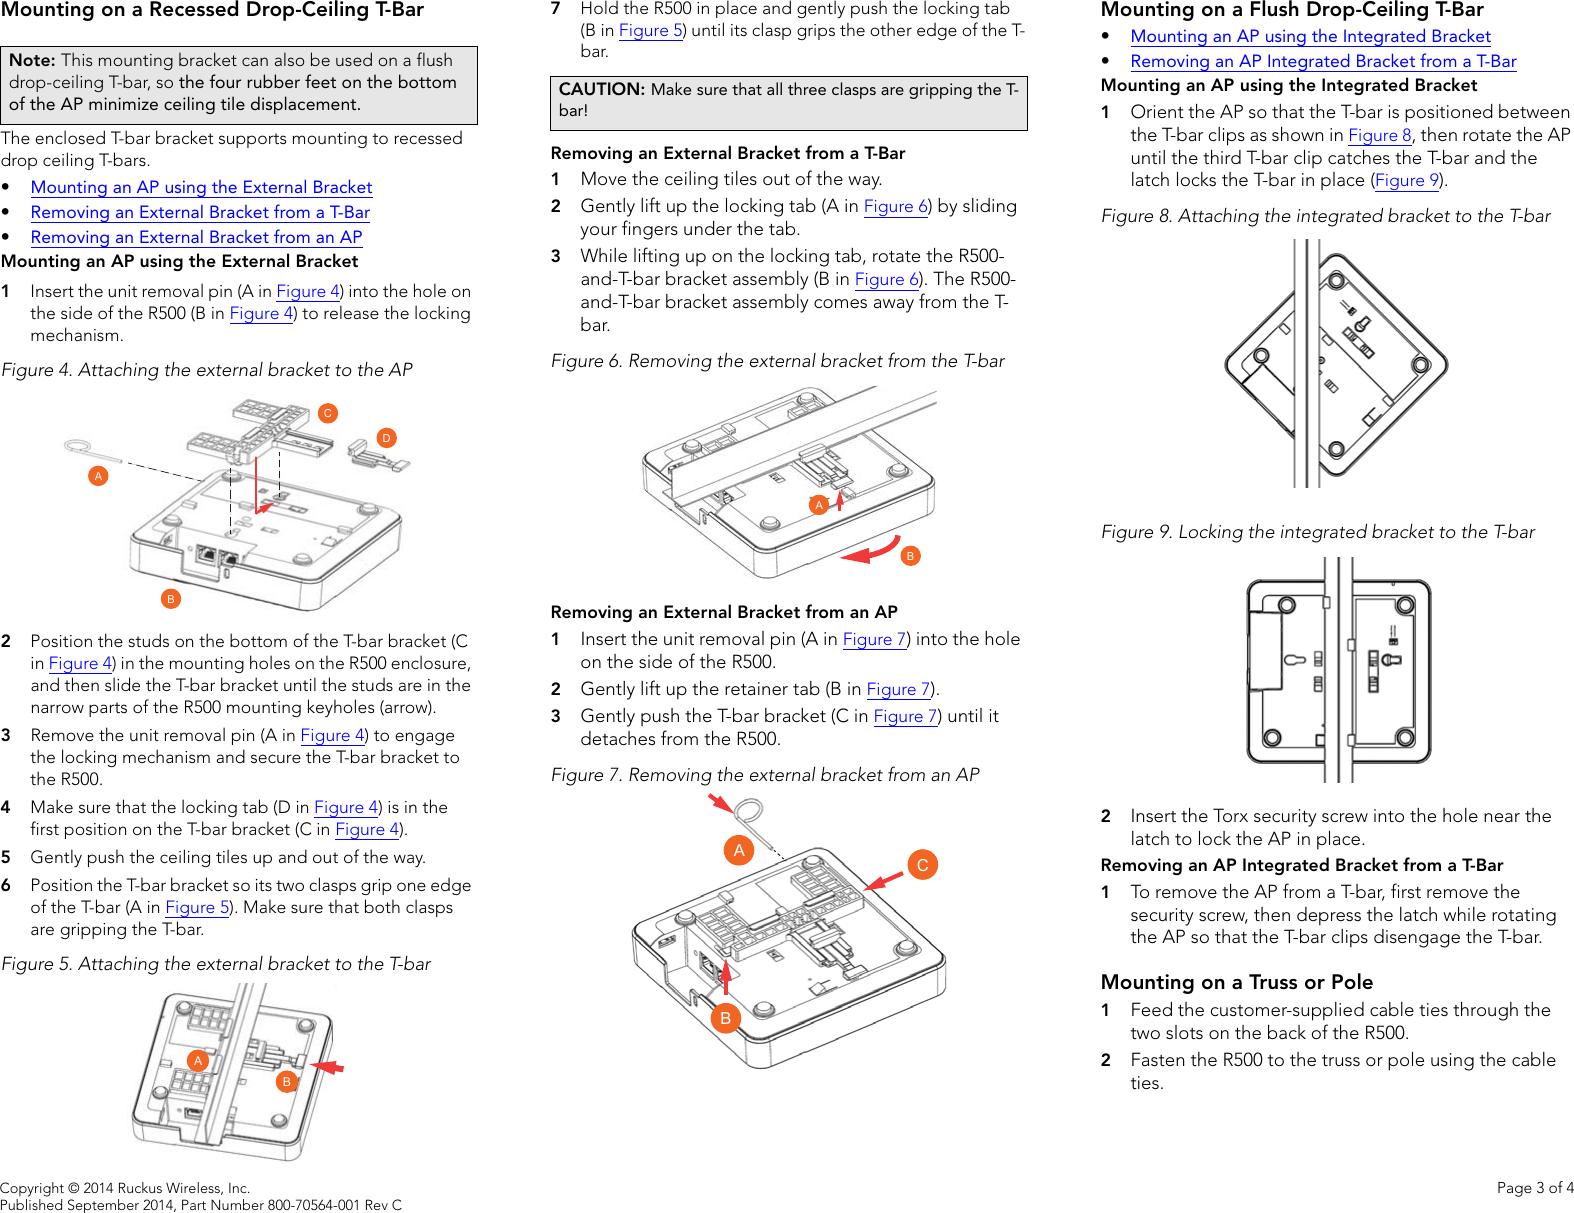 Ruckus R500 Quick Setup Guide qsg 800 70564 001 rev C 20140910